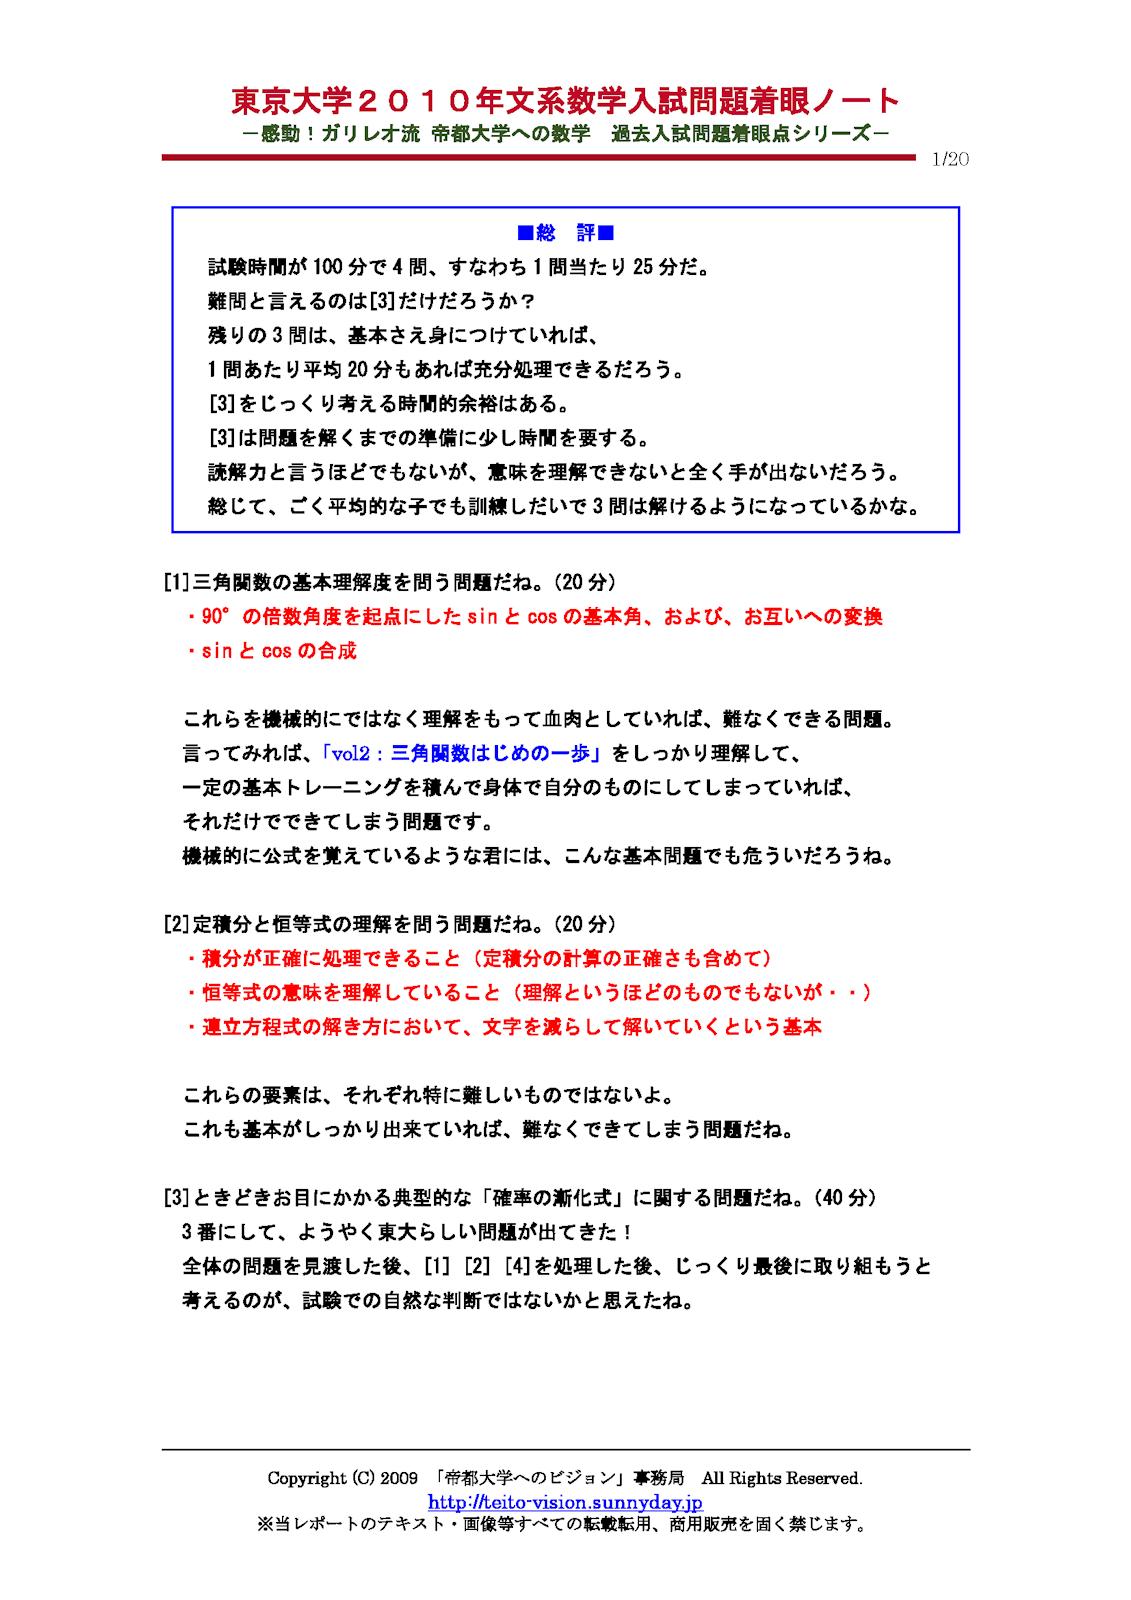 東京大学2010年文系数学入試問題着眼点ノート